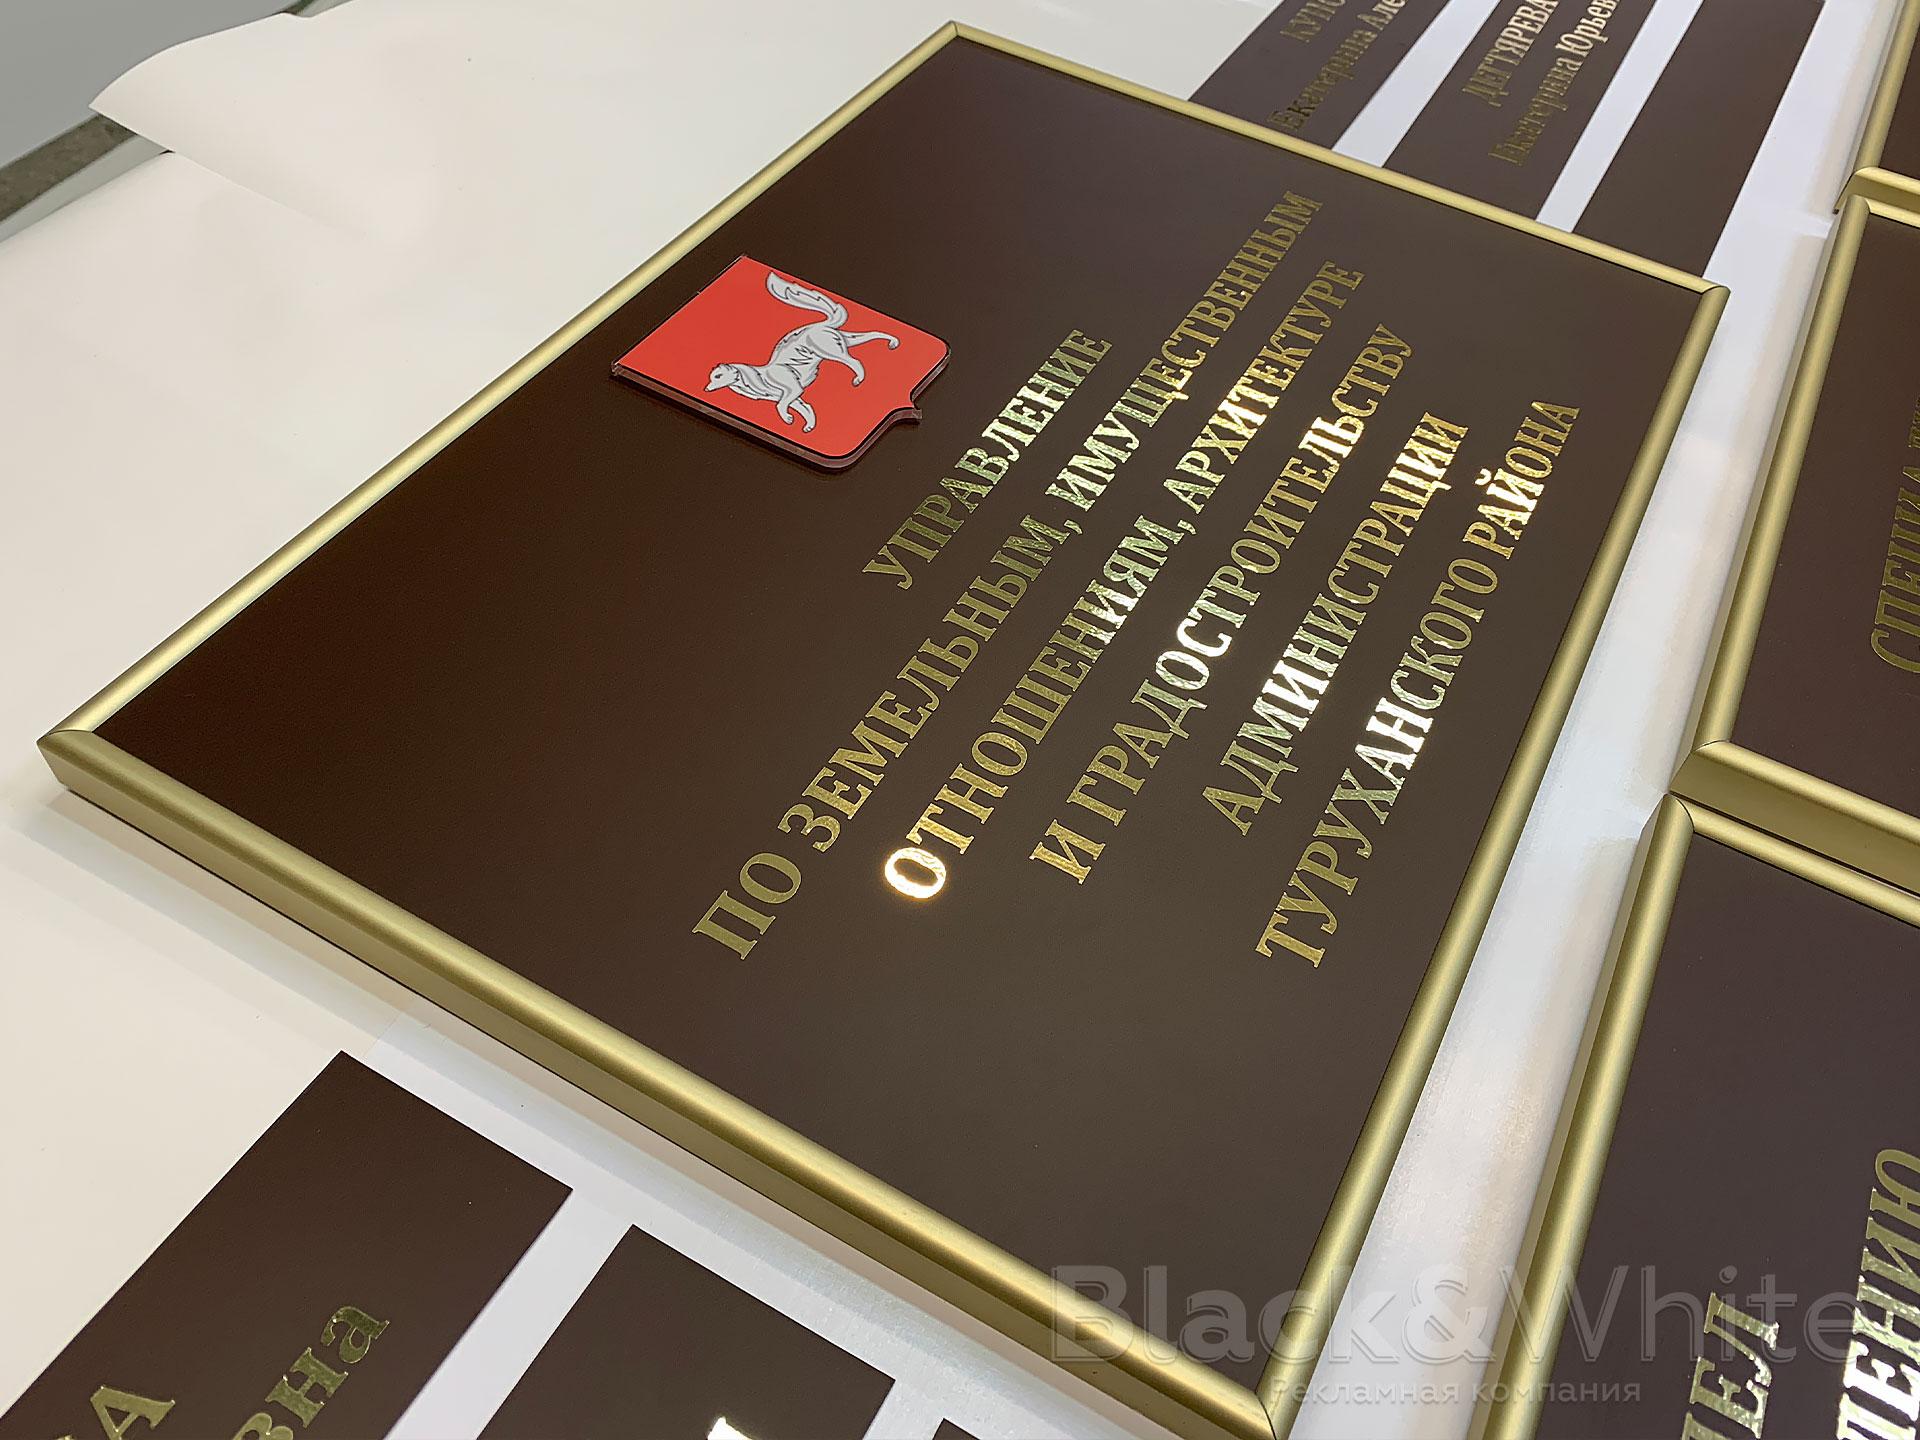 Фасадные-таблички-Компания-Black&White-красноярск-BWkras.jpg